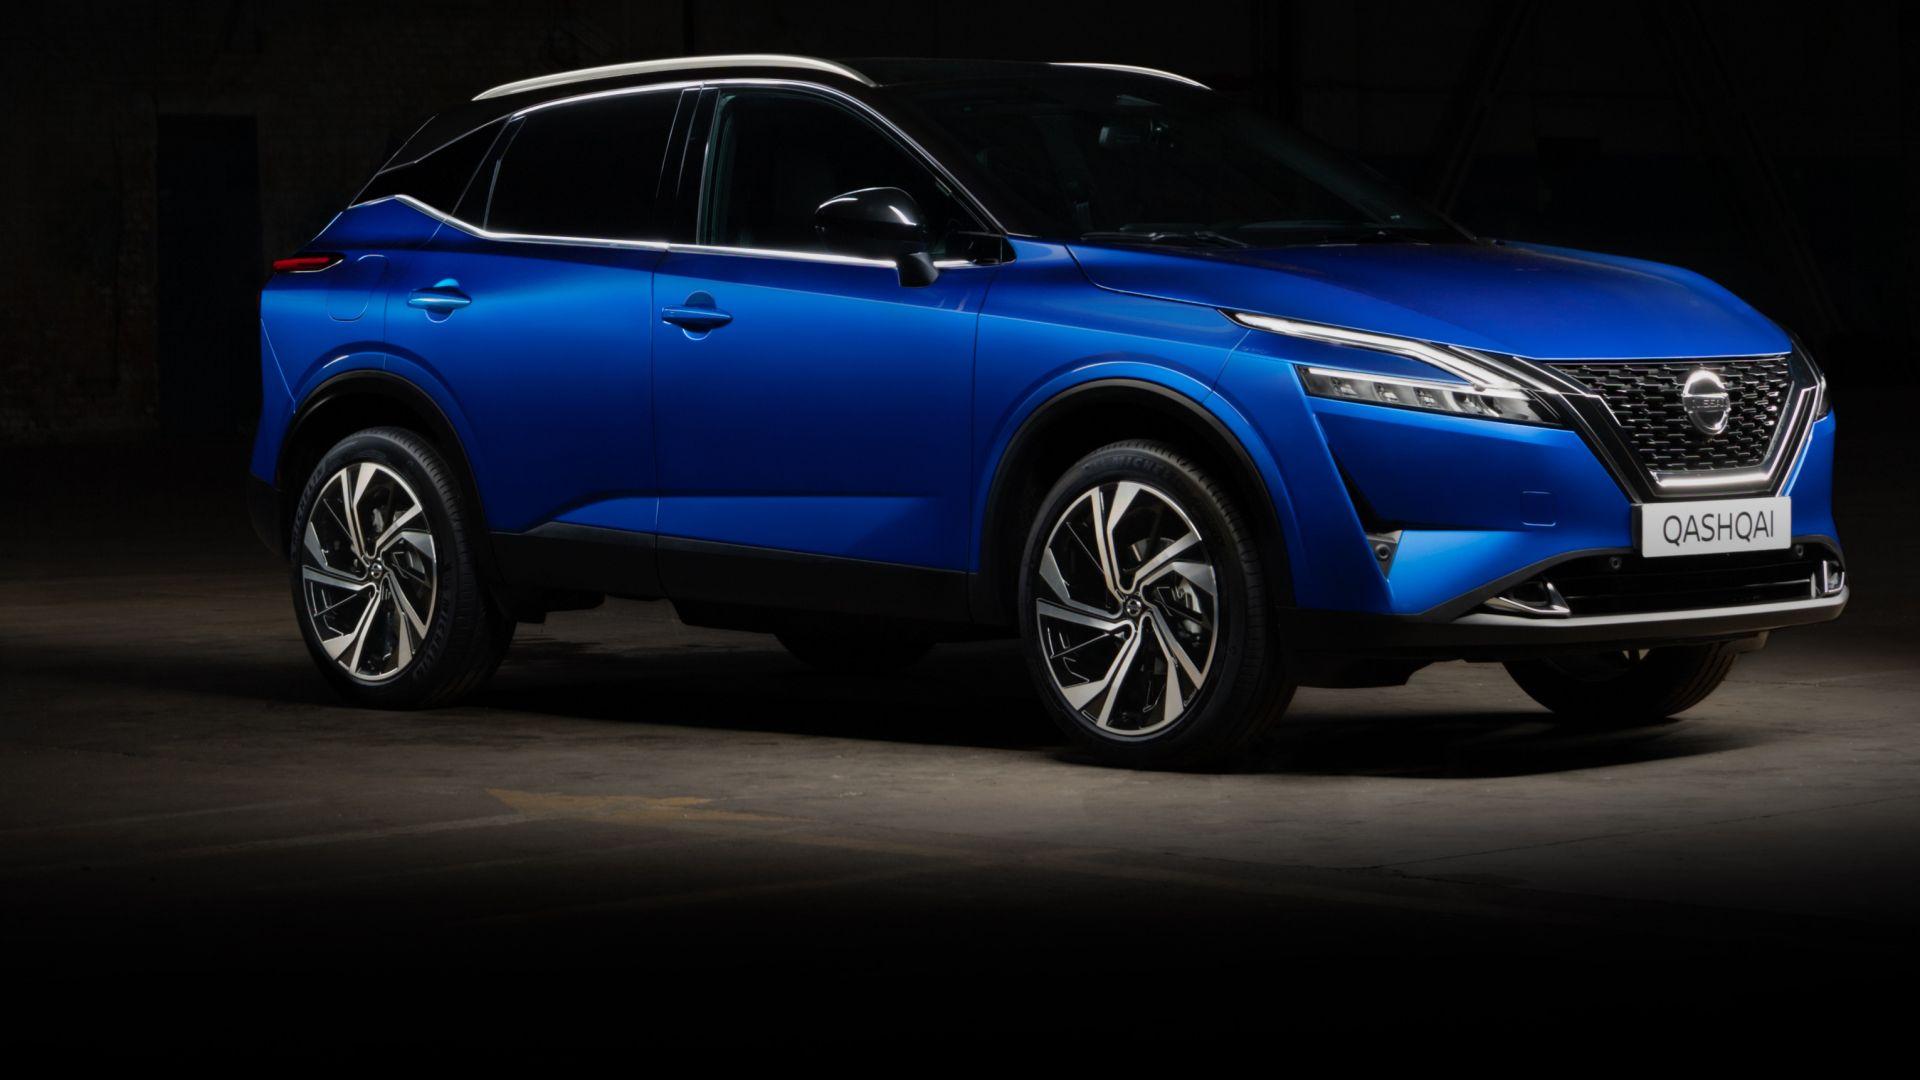 Nuova Nissan Qashqai, ecco che effetto fa vista dal vivo [VIDEO]